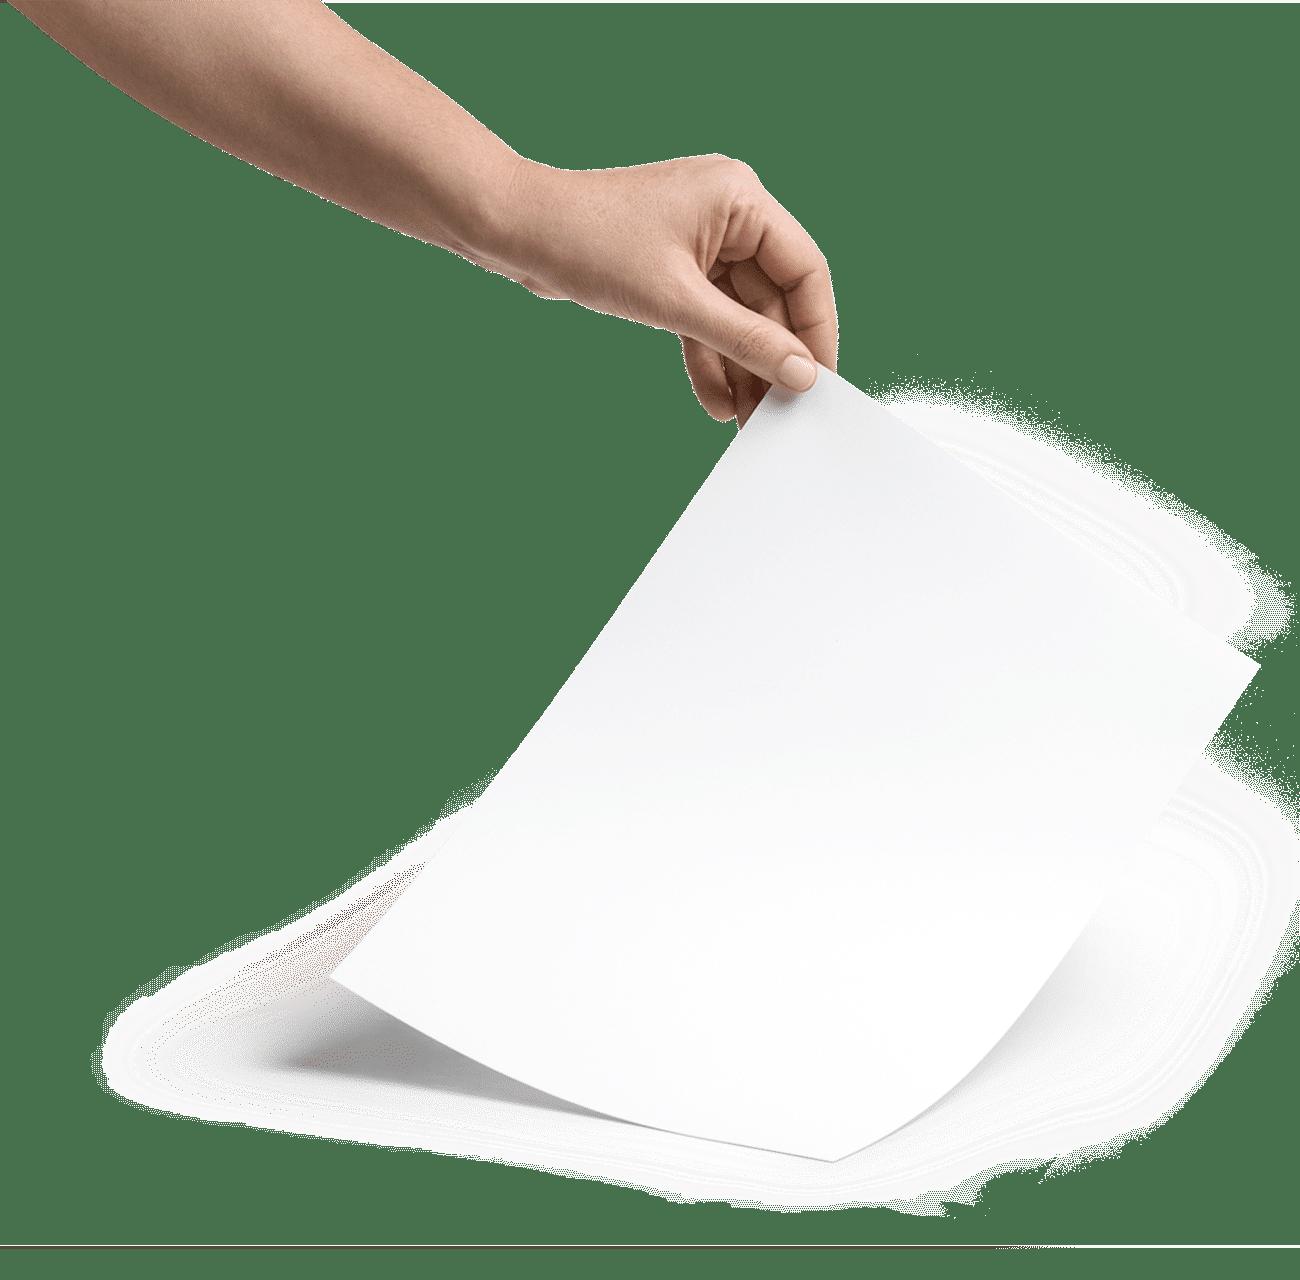 Papel Backlight da VitrineMedia, desenvolvido especialmente para impressão de anúncios para os Displays LED da VitrineMedia